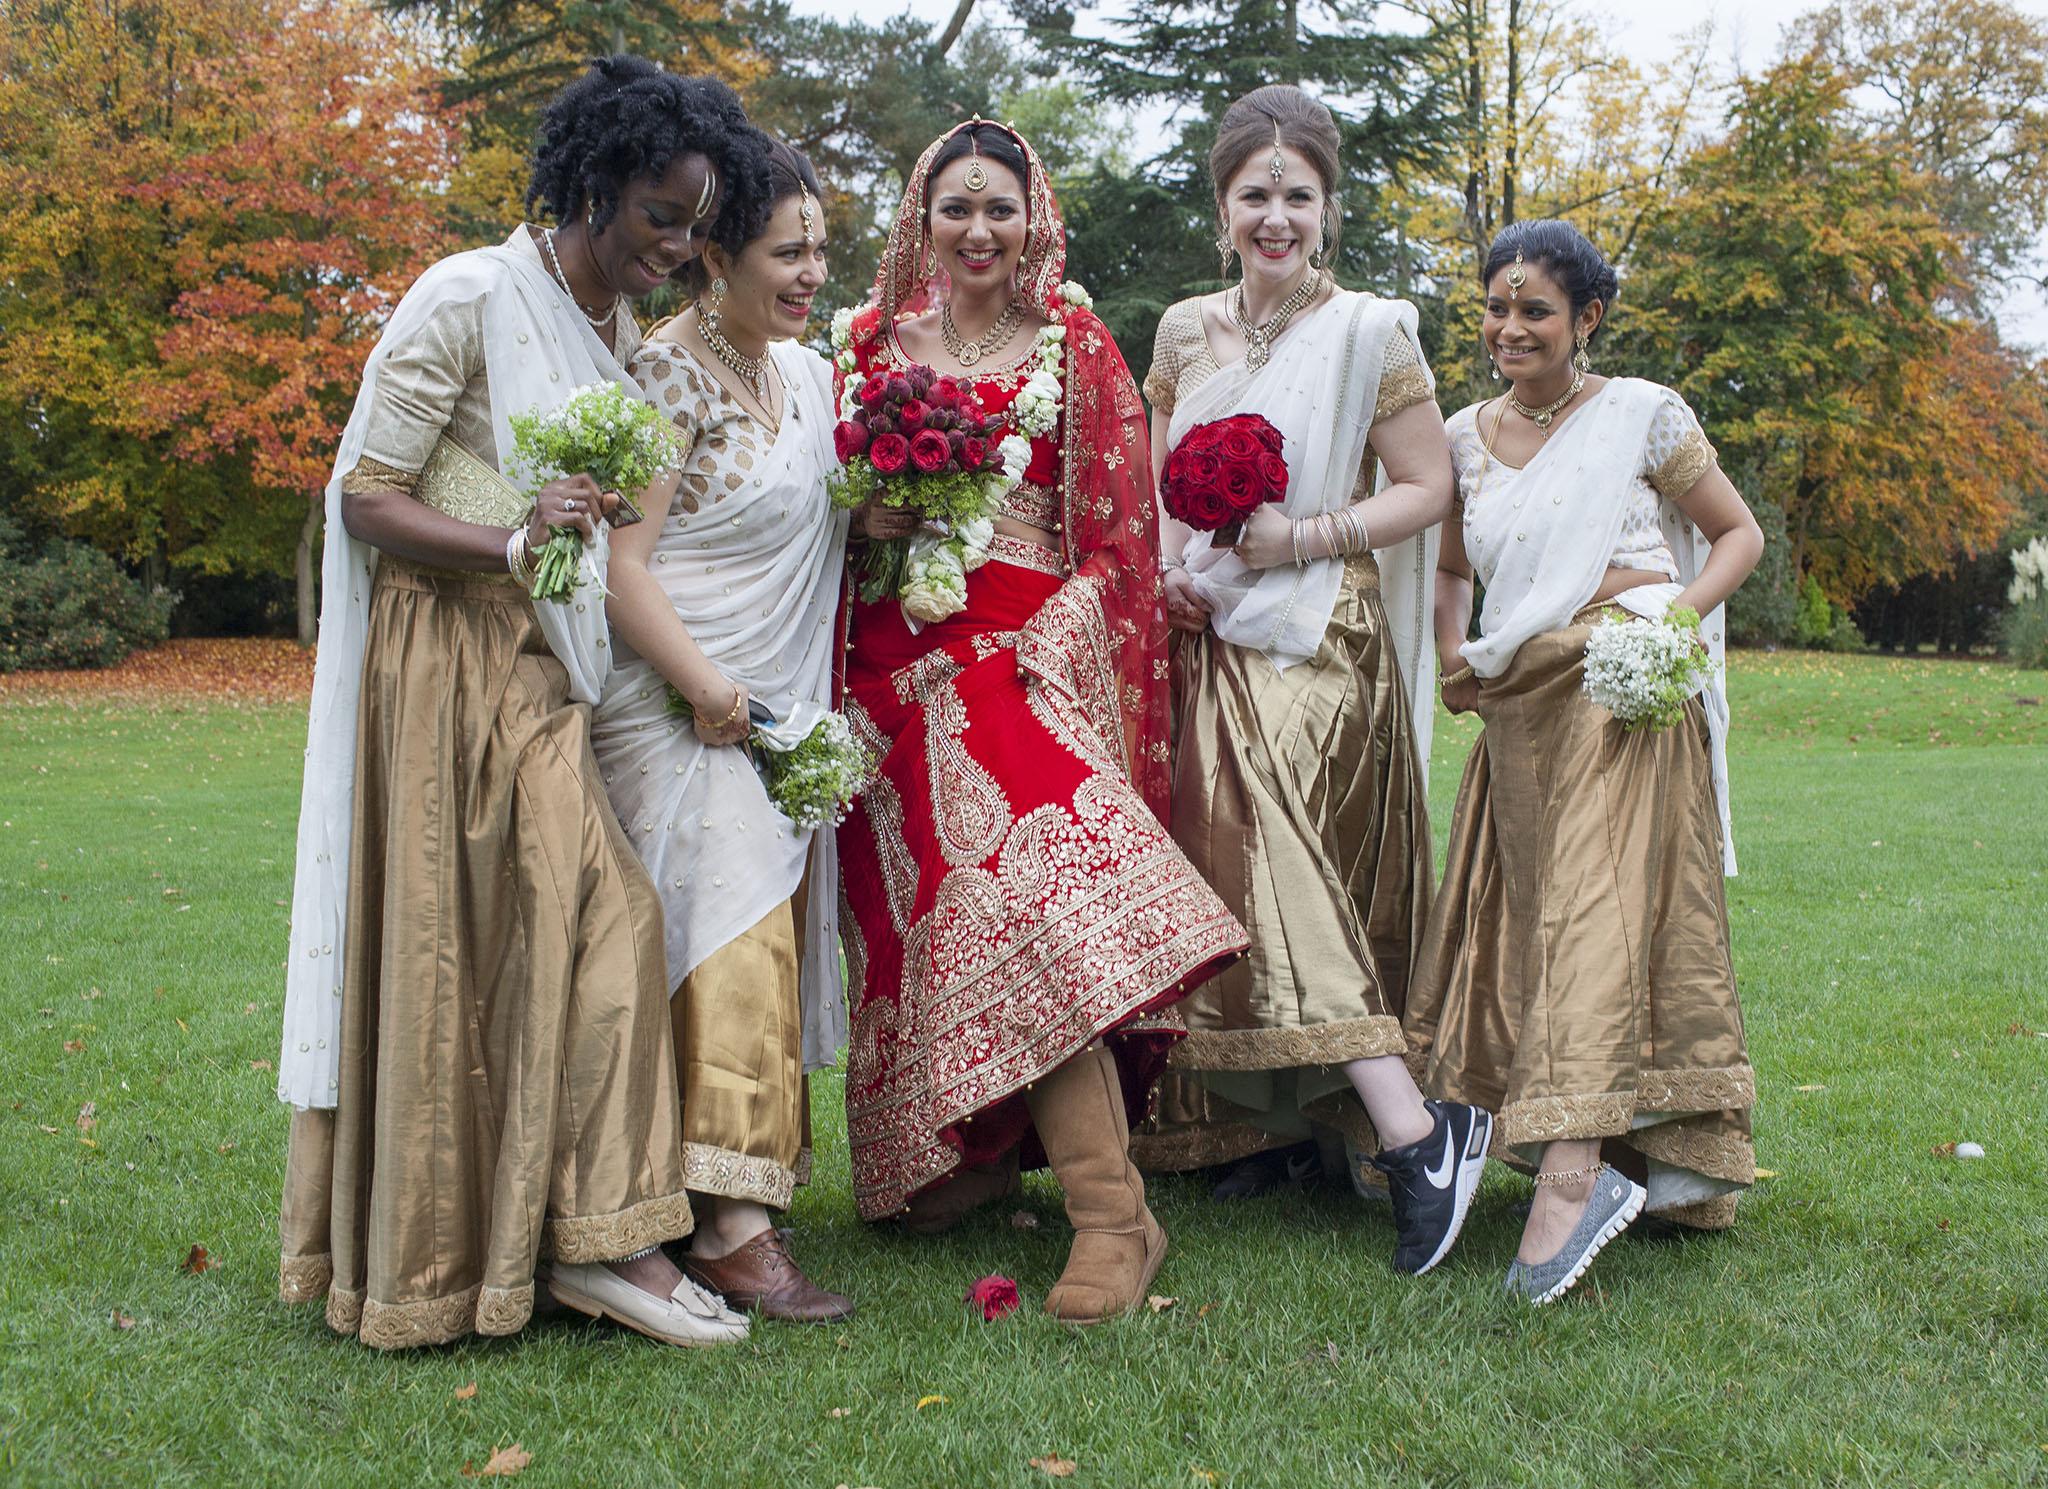 elizabethgphotography_kingslangley_hertfordshire_fineart_indian_wedding_photography_bhavesh_kundalata_bhaktivedanta_manor_watford_jpg57.jpg